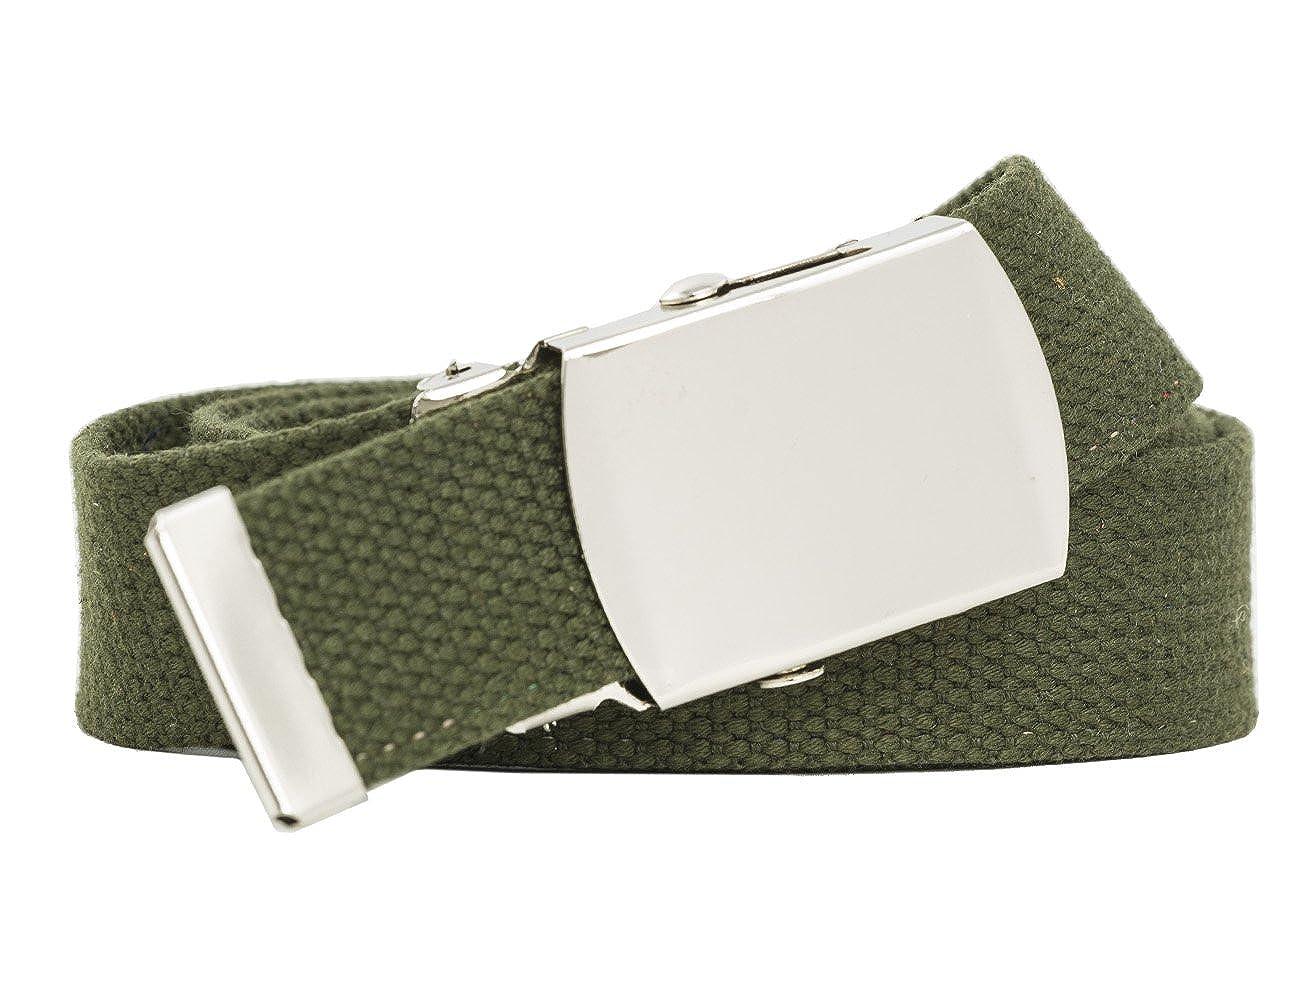 Largo 160 cm XXXL Cintur/ón de tela Ancho 3 cm shenky